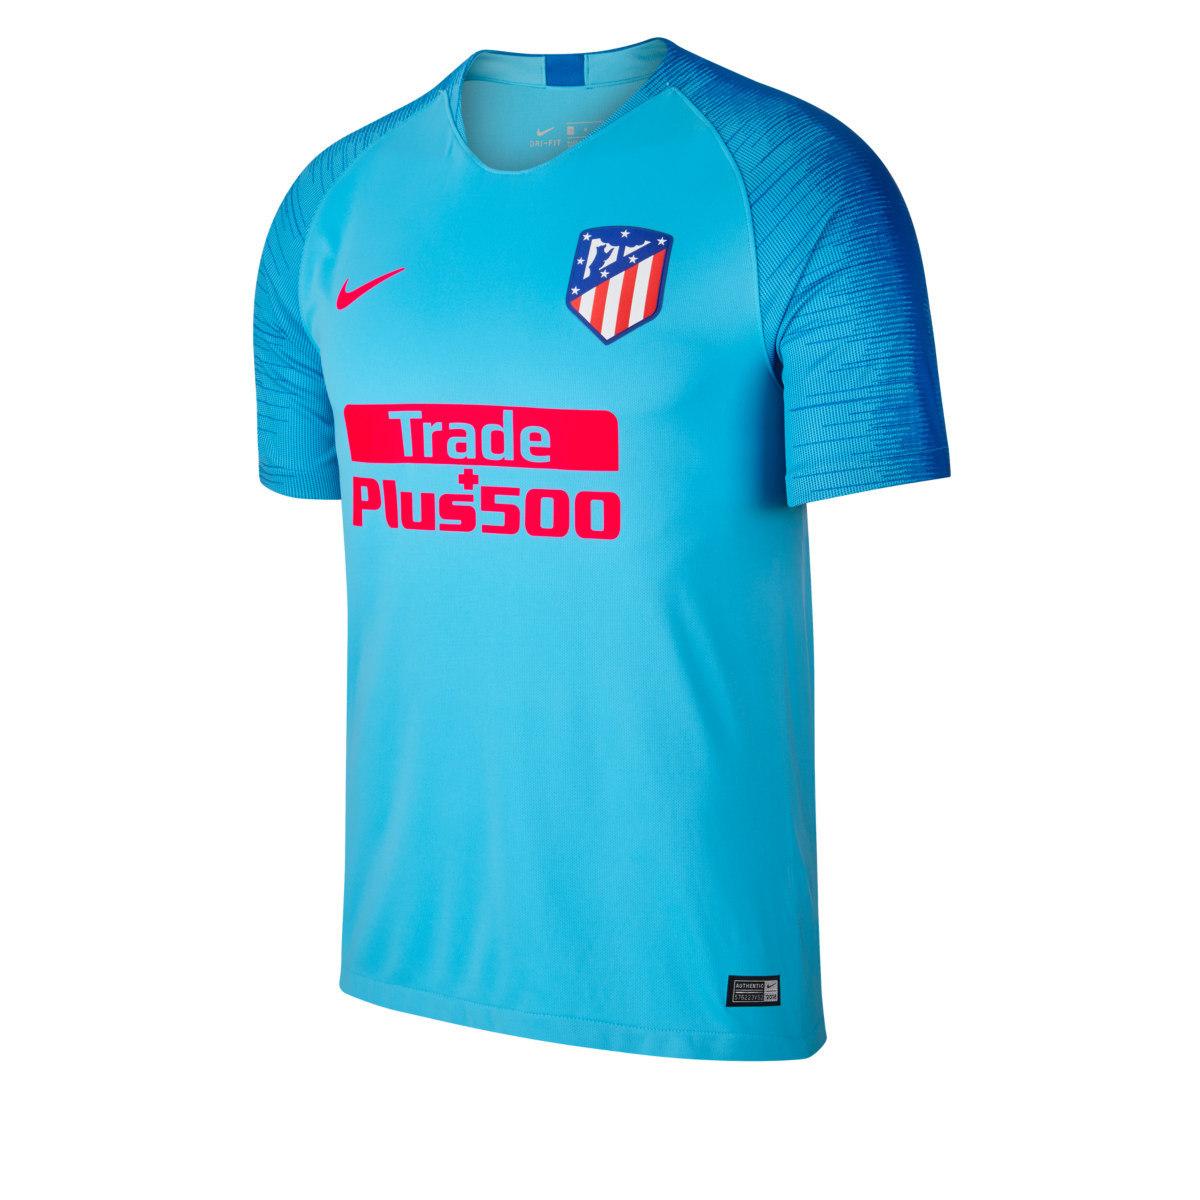 426a79908 Veja os novos uniformes dos principais clubes da Europa - Fotos - R7 ...